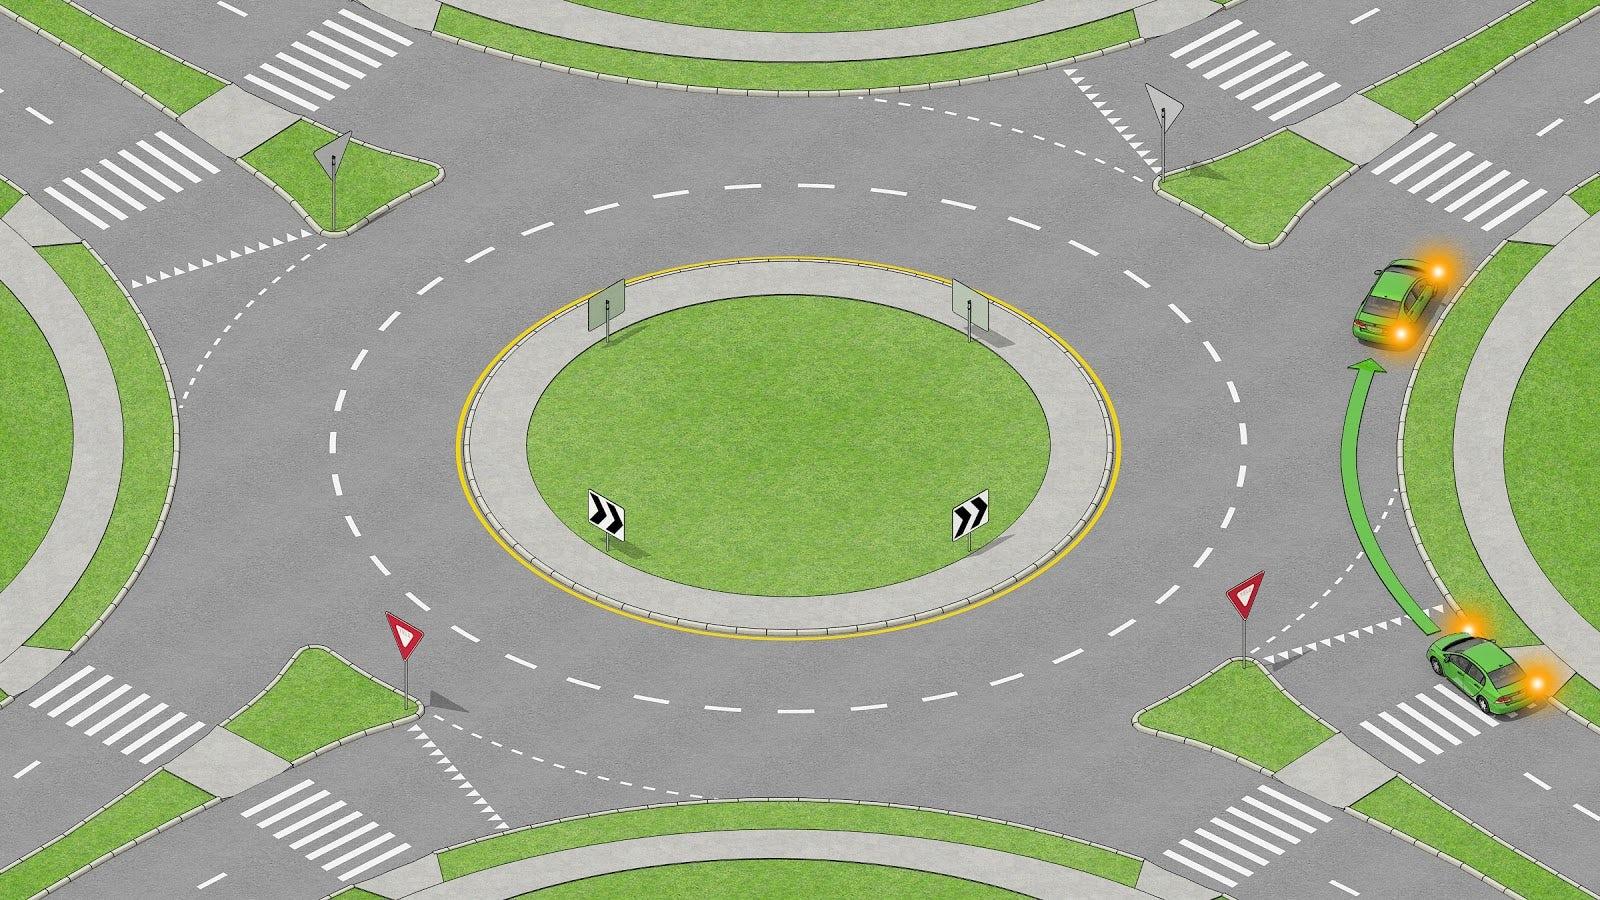 Bil som svänger höger i en rondell